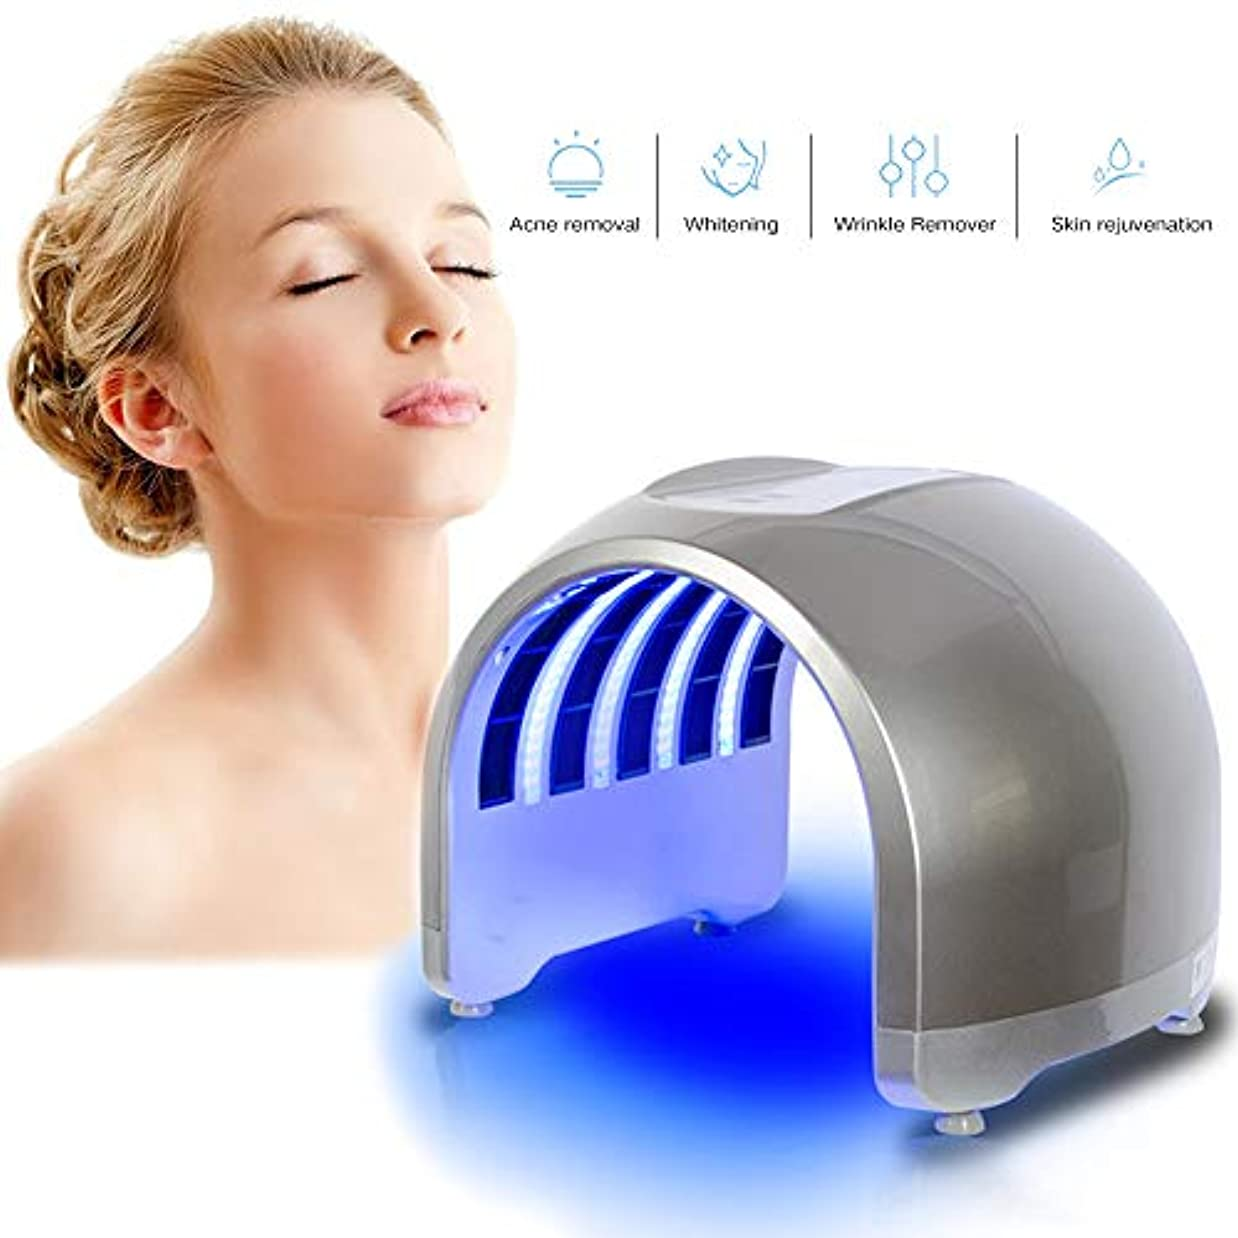 暴露実行可能研究LEDの光子のマスクPDTライト療法の美機械顔のマッサージャーの表面スキンケア装置,銀,Americanplug